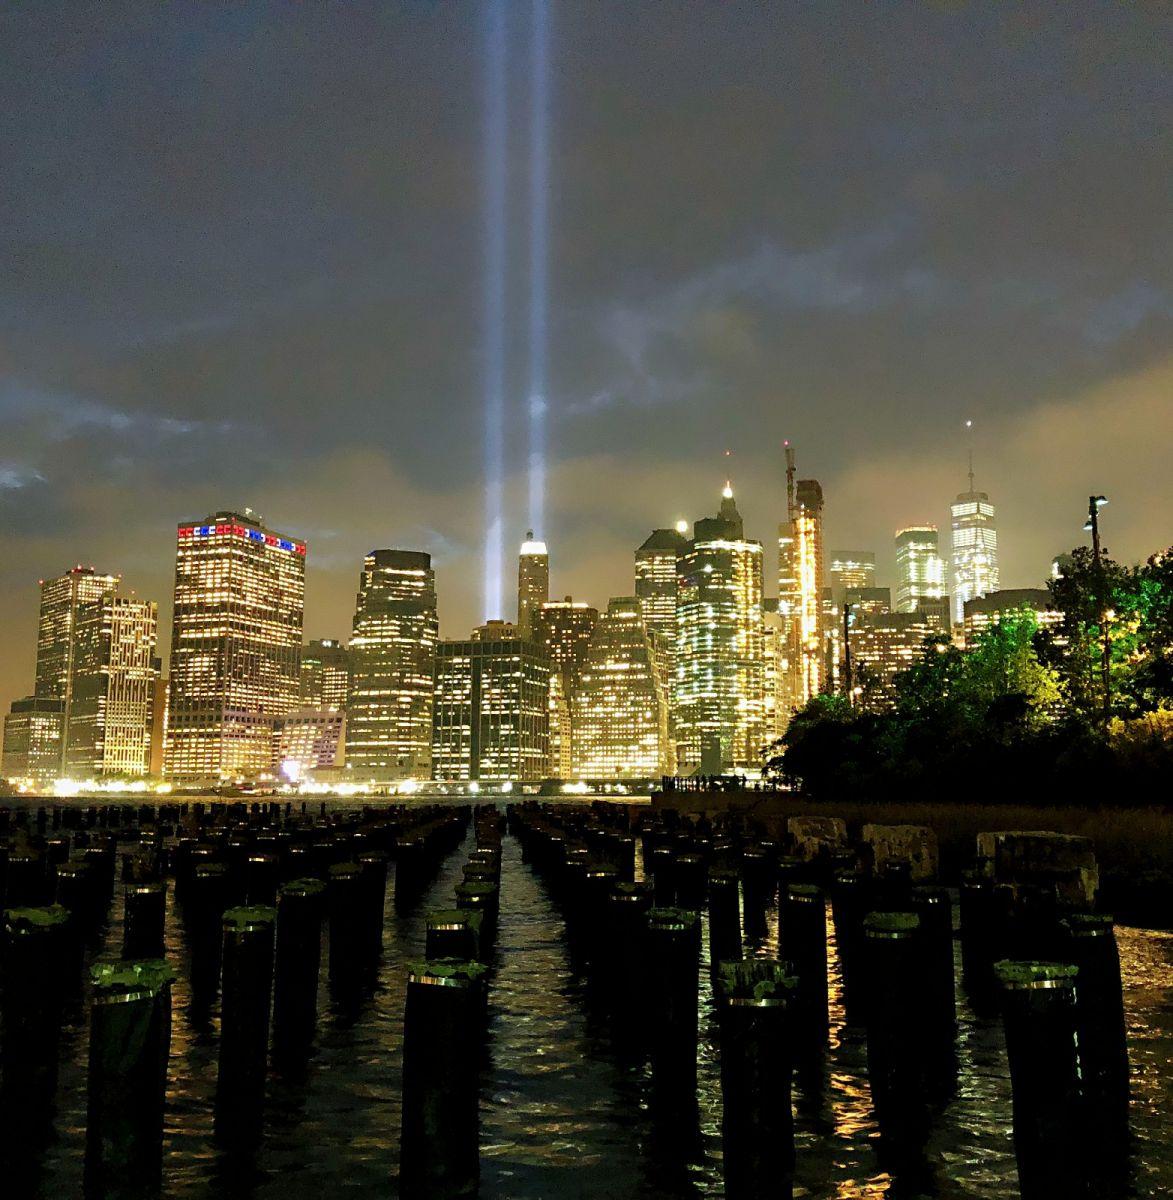 【田螺手机摄影】拍摄灯柱纪念911恐襲17周年_图1-3